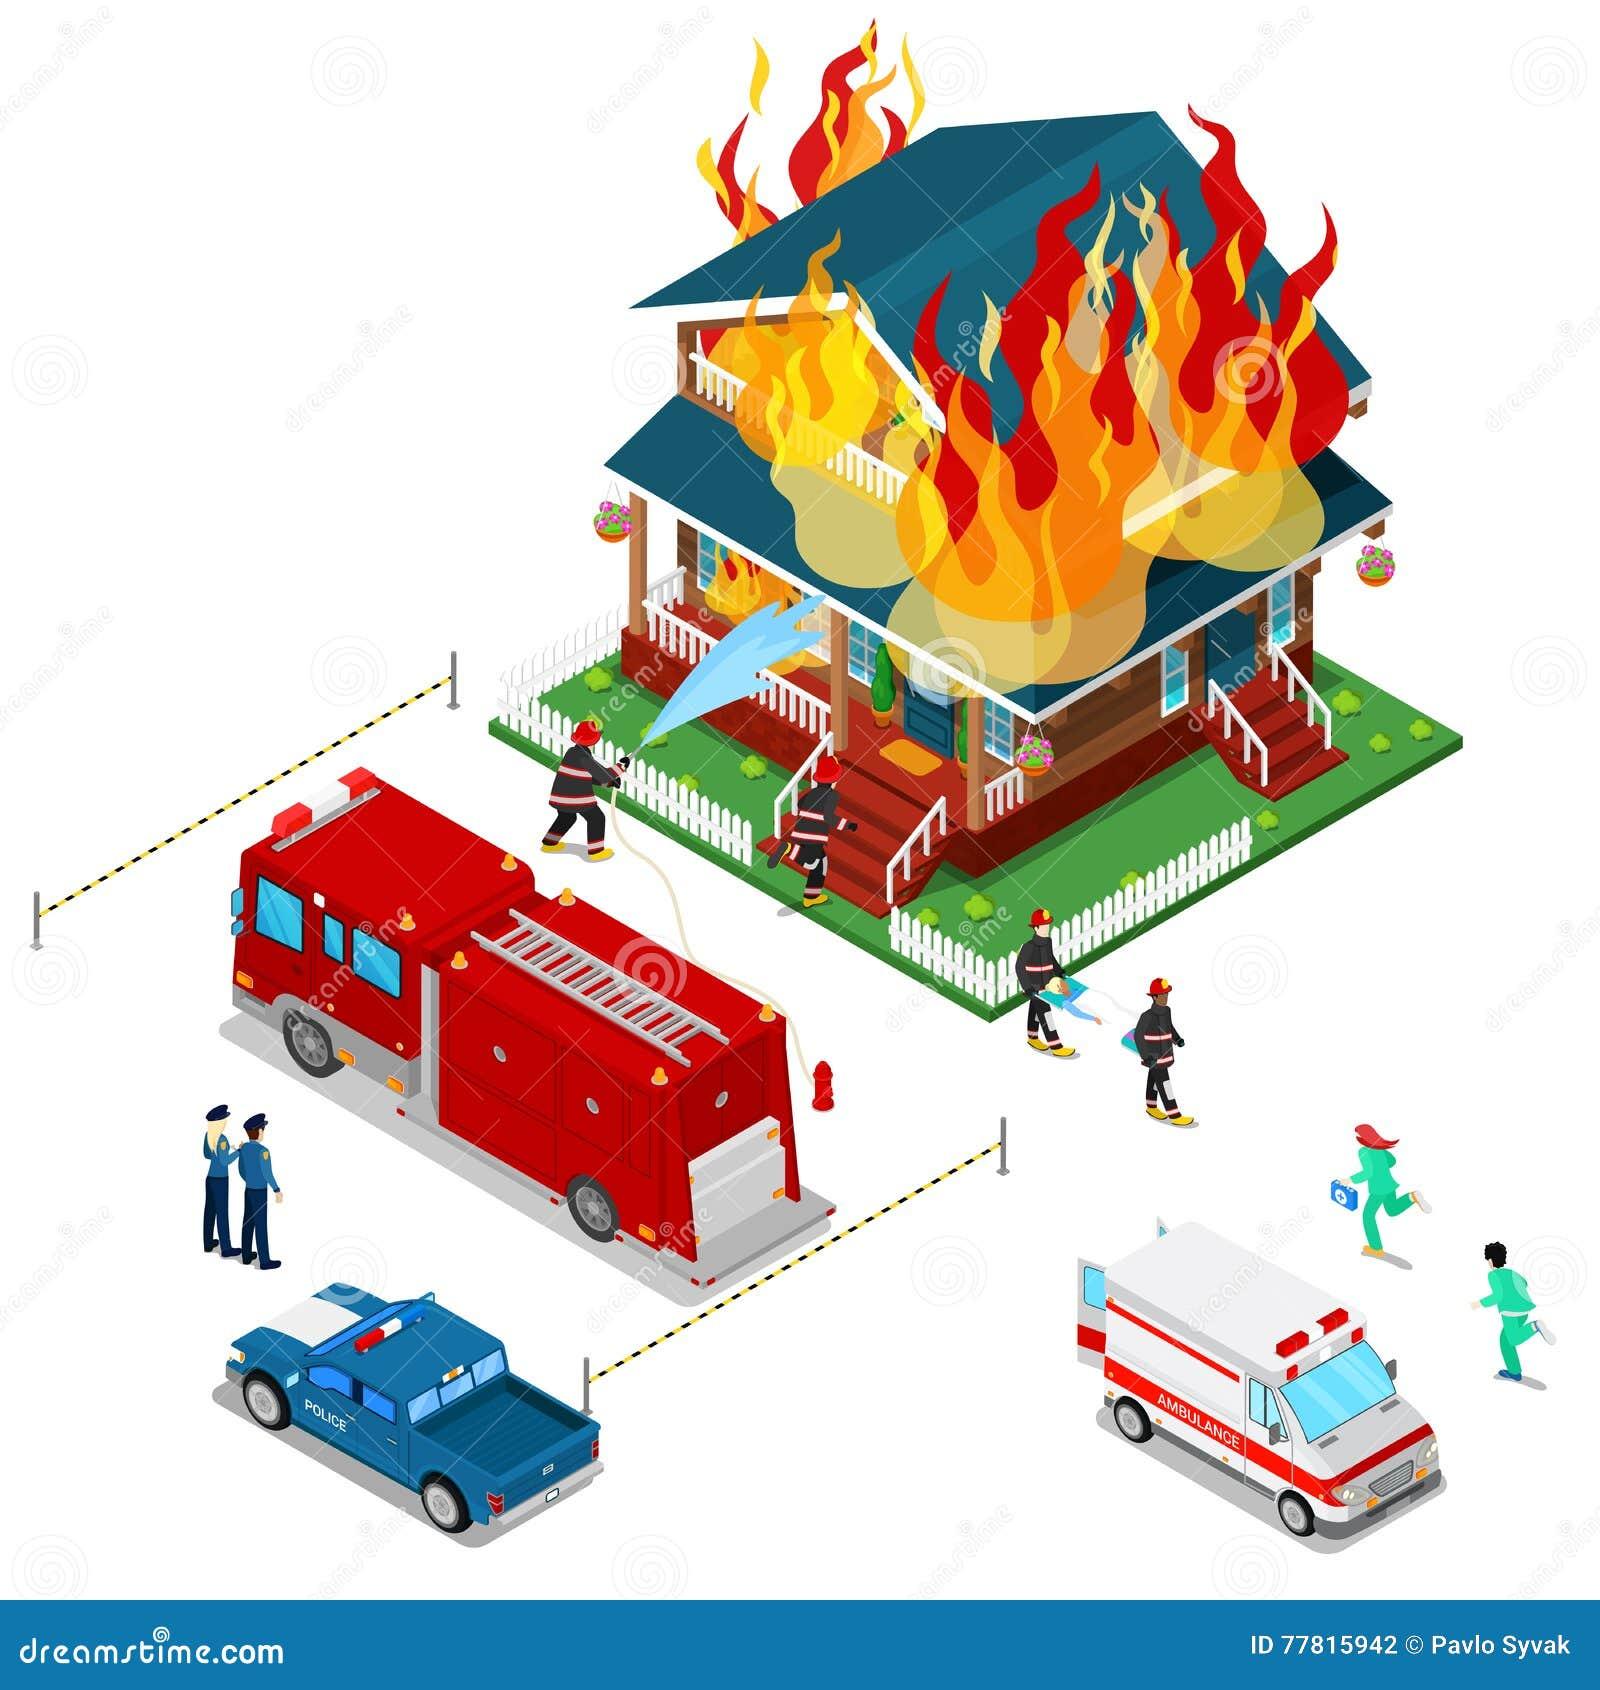 Οι πυροσβέστες εξαφανίζουν μια Isometric πόλη πυρκαγιάς στο εσωτερικό Ο πυροσβέστης βοηθά την τραυματισμένη γυναίκα